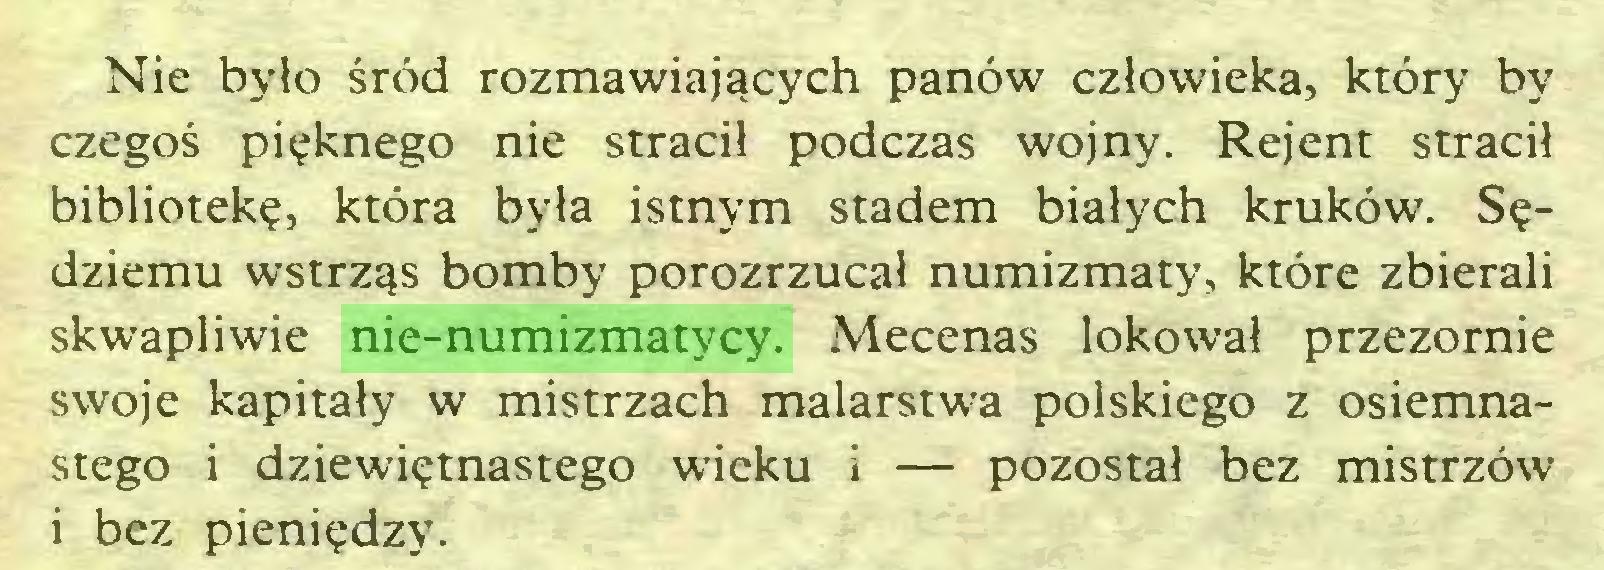 (...) Nie było śród rozmawiających panów człowieka, który by czegoś pięknego nie stracił podczas wojny. Rejent stracił bibliotekę, która była istnym stadem białych kruków. Sędziemu wstrząs bomby porozrzucał numizmaty, które zbierali skwapliwie nie-numizmatycy. Mecenas lokował przezornie swoje kapitały w mistrzach malarstwa polskiego z osiemnastego i dziewiętnastego wieku i — pozostał bez mistrzów i bez pieniędzy...